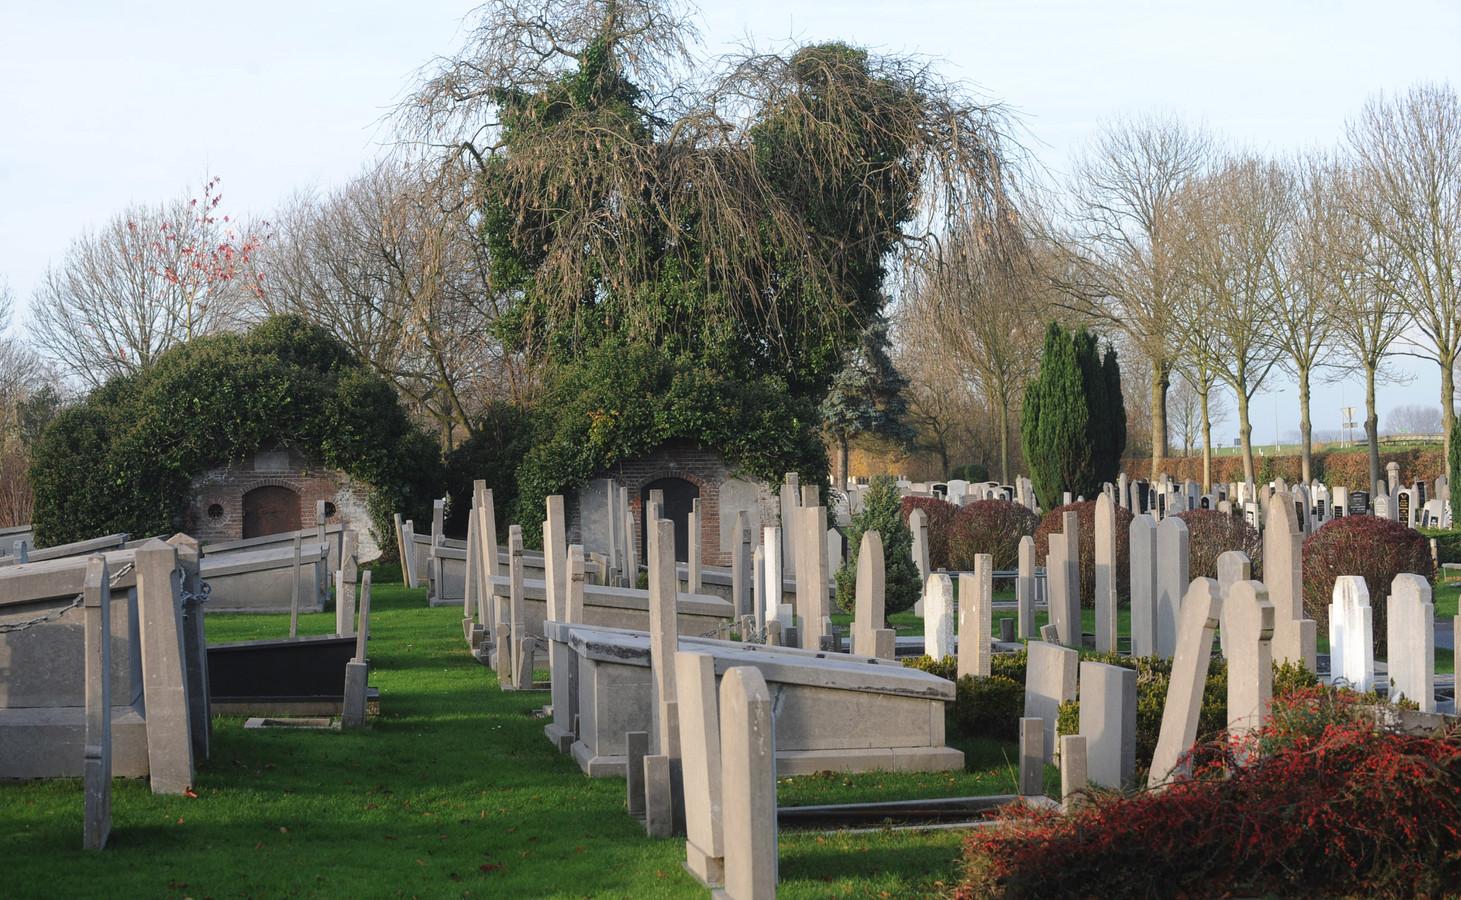 Beeld van de begraafplaats in Tholen.